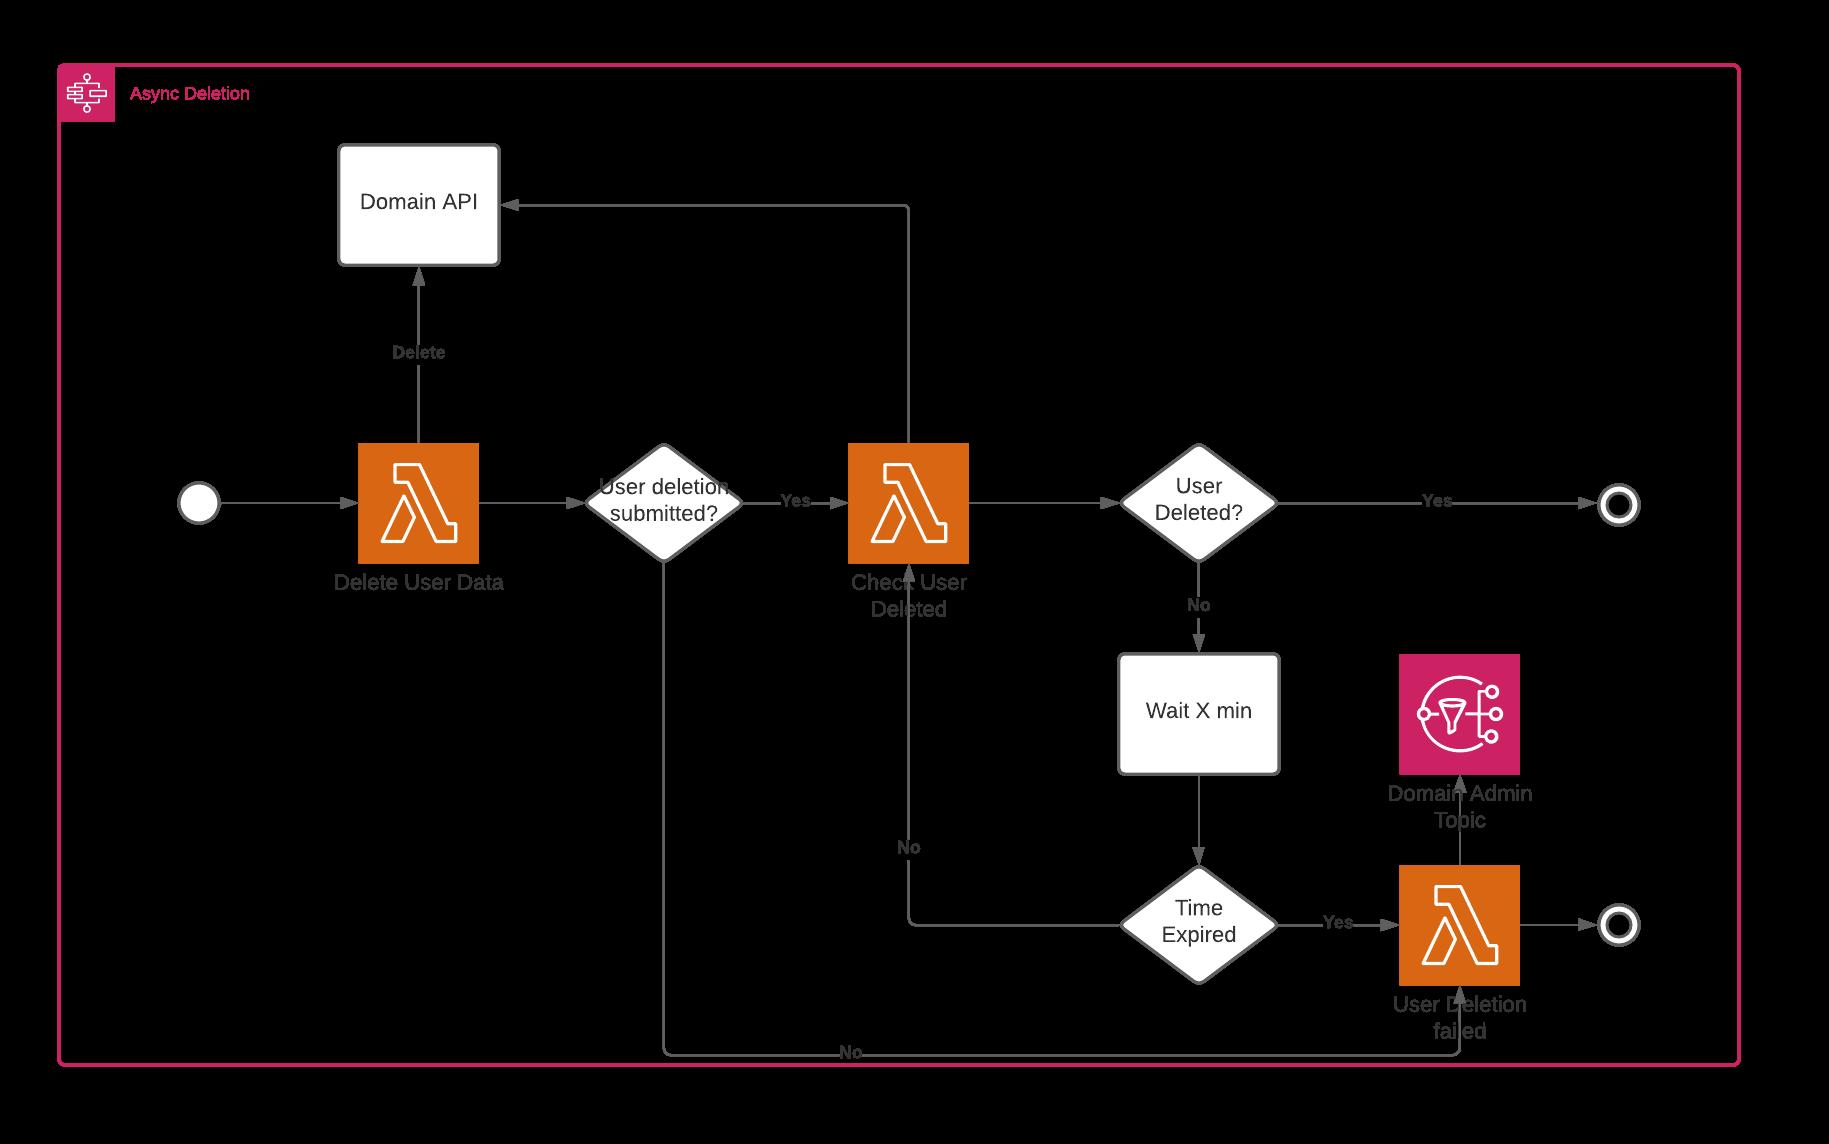 Asynchronous workflow